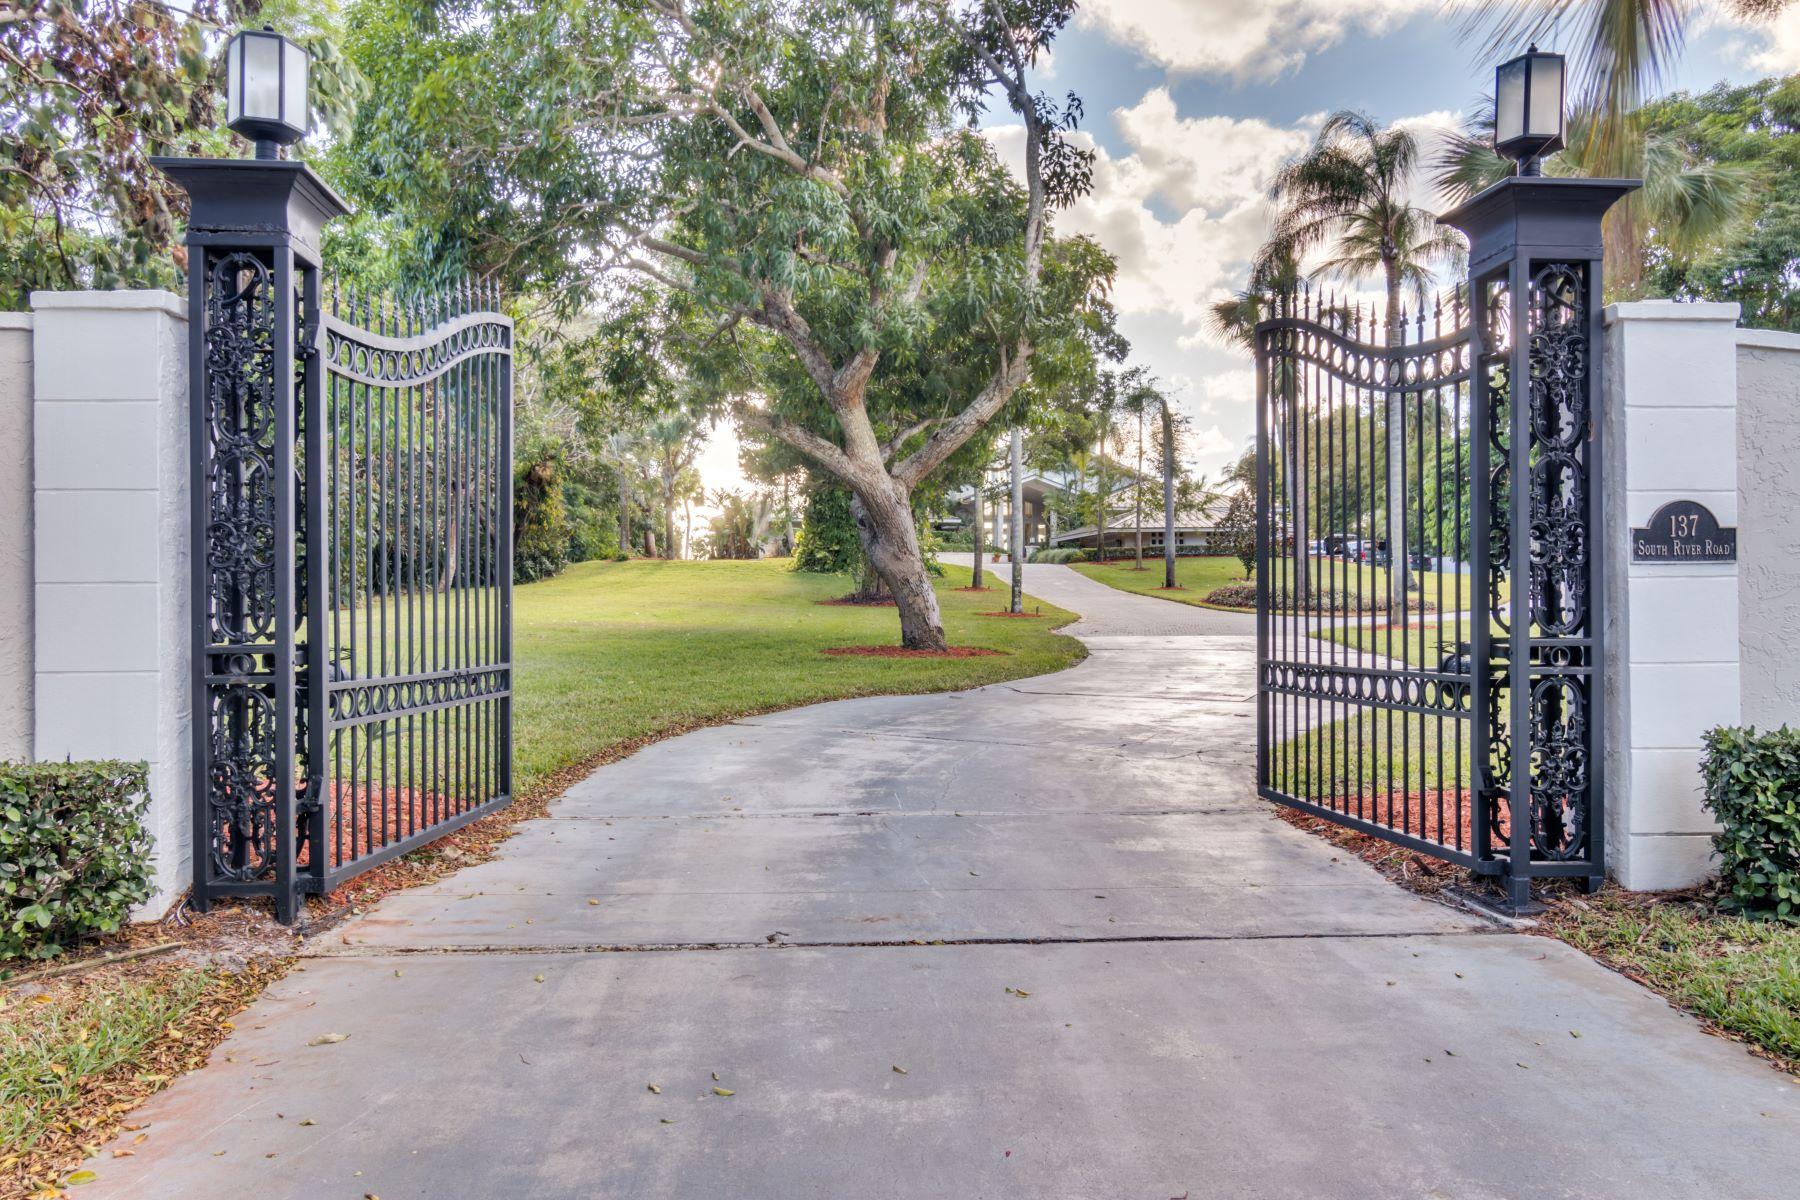 Maison unifamiliale pour l Vente à 137 S River Road 137 SRiver Road, Sewalls Point, Florida, 34996 États-Unis